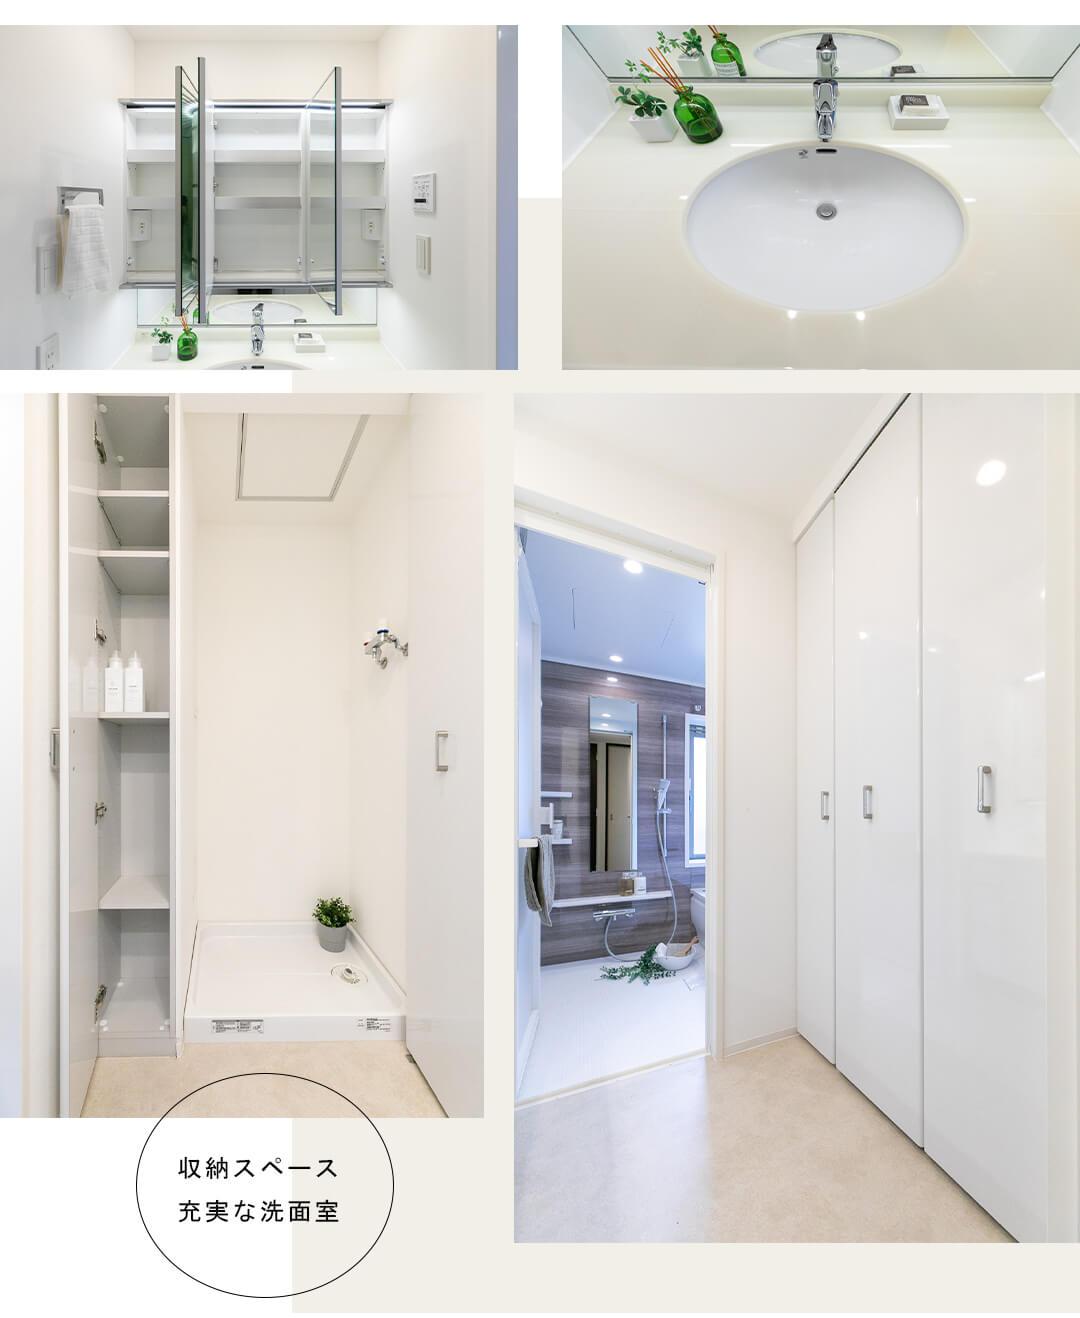 サンフル日吉本町ガーデンハウスの洗面室